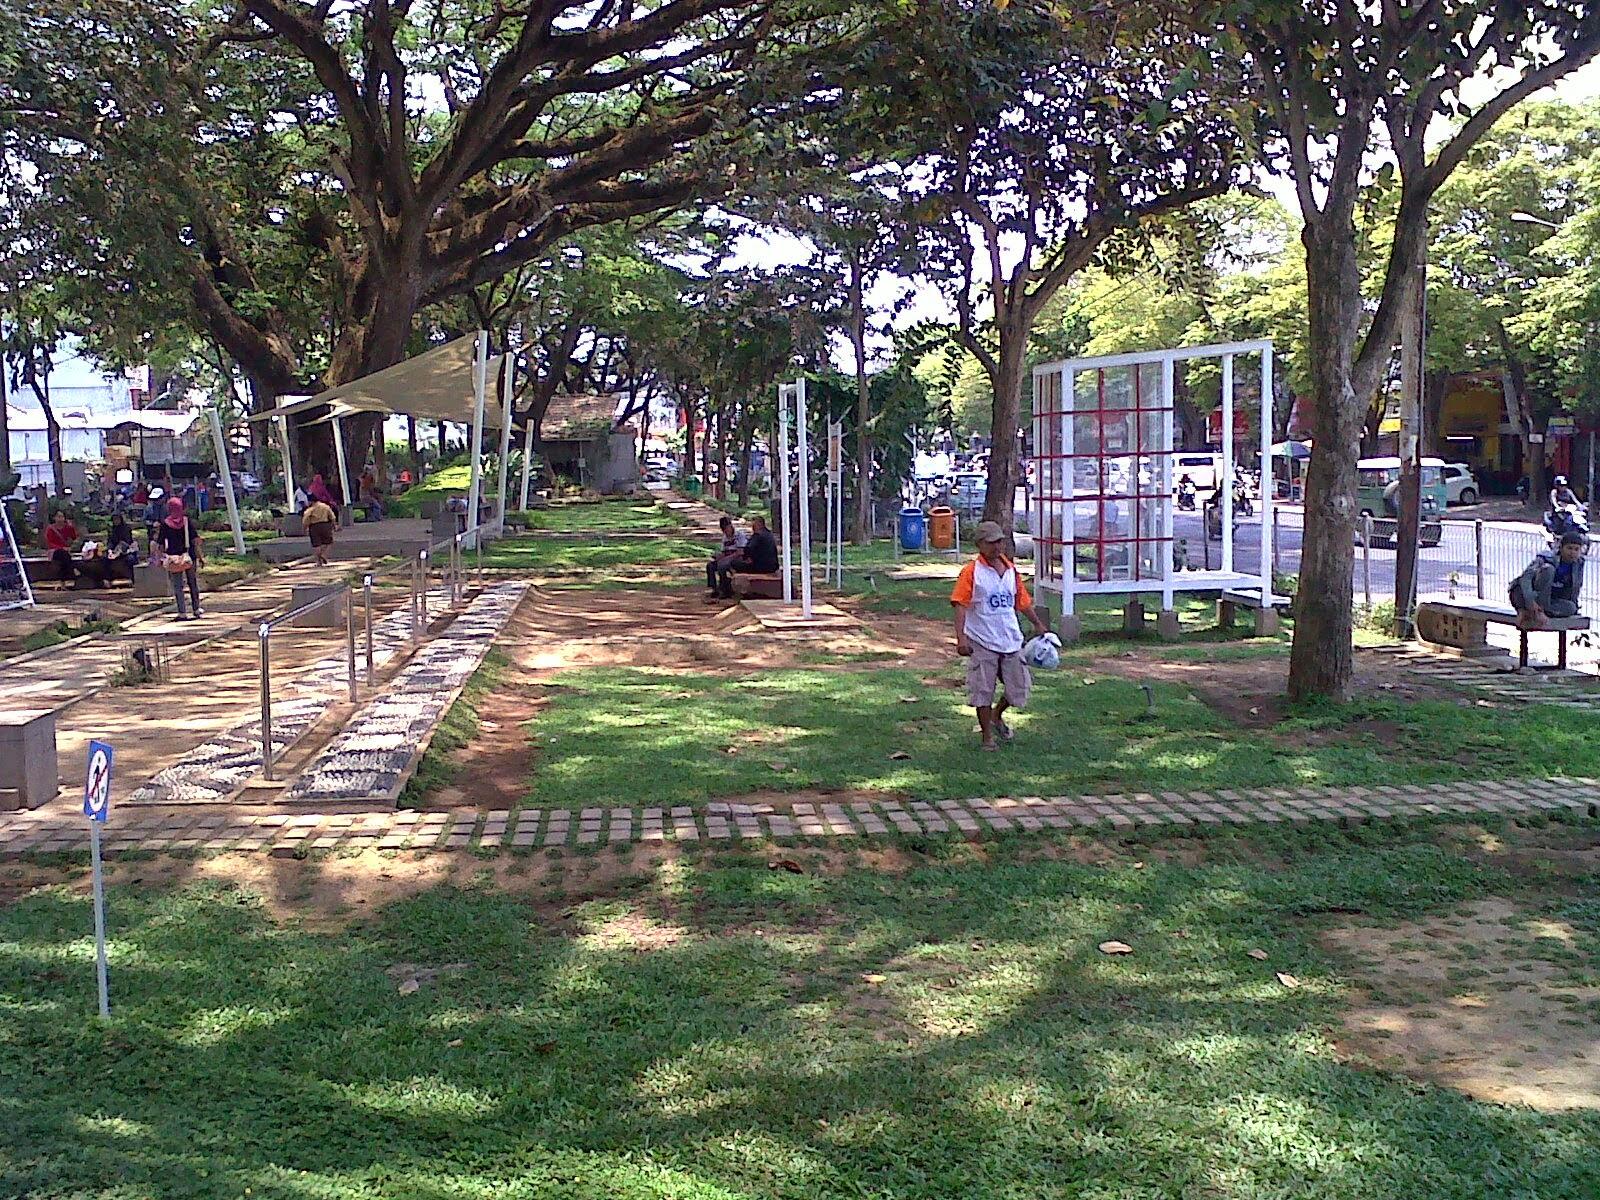 Simple Taman Trunojoyo Malang Kawasan Turnojoyo Strategis Letaknya Berada Tengah